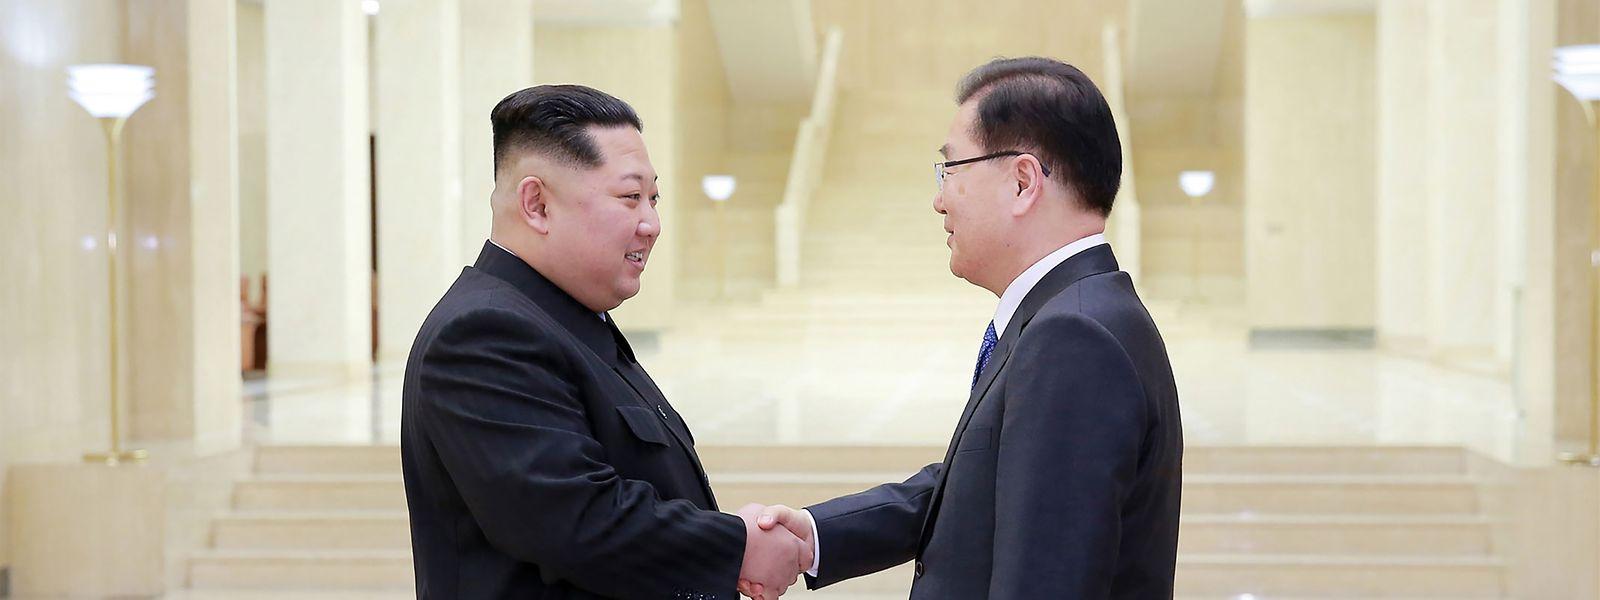 Nach südkoreanischer Darstellung vereinbarten die beiden Regierungen auch einen Gipfel zwischen Kim und Präsident Moon Jae In. Dieser soll Ende April in dem geteilten Grenzort Panmunjom auf südkoreanischer Seite zusammenkommen. Nordkorea bestätigte die Angaben zunächst nicht.